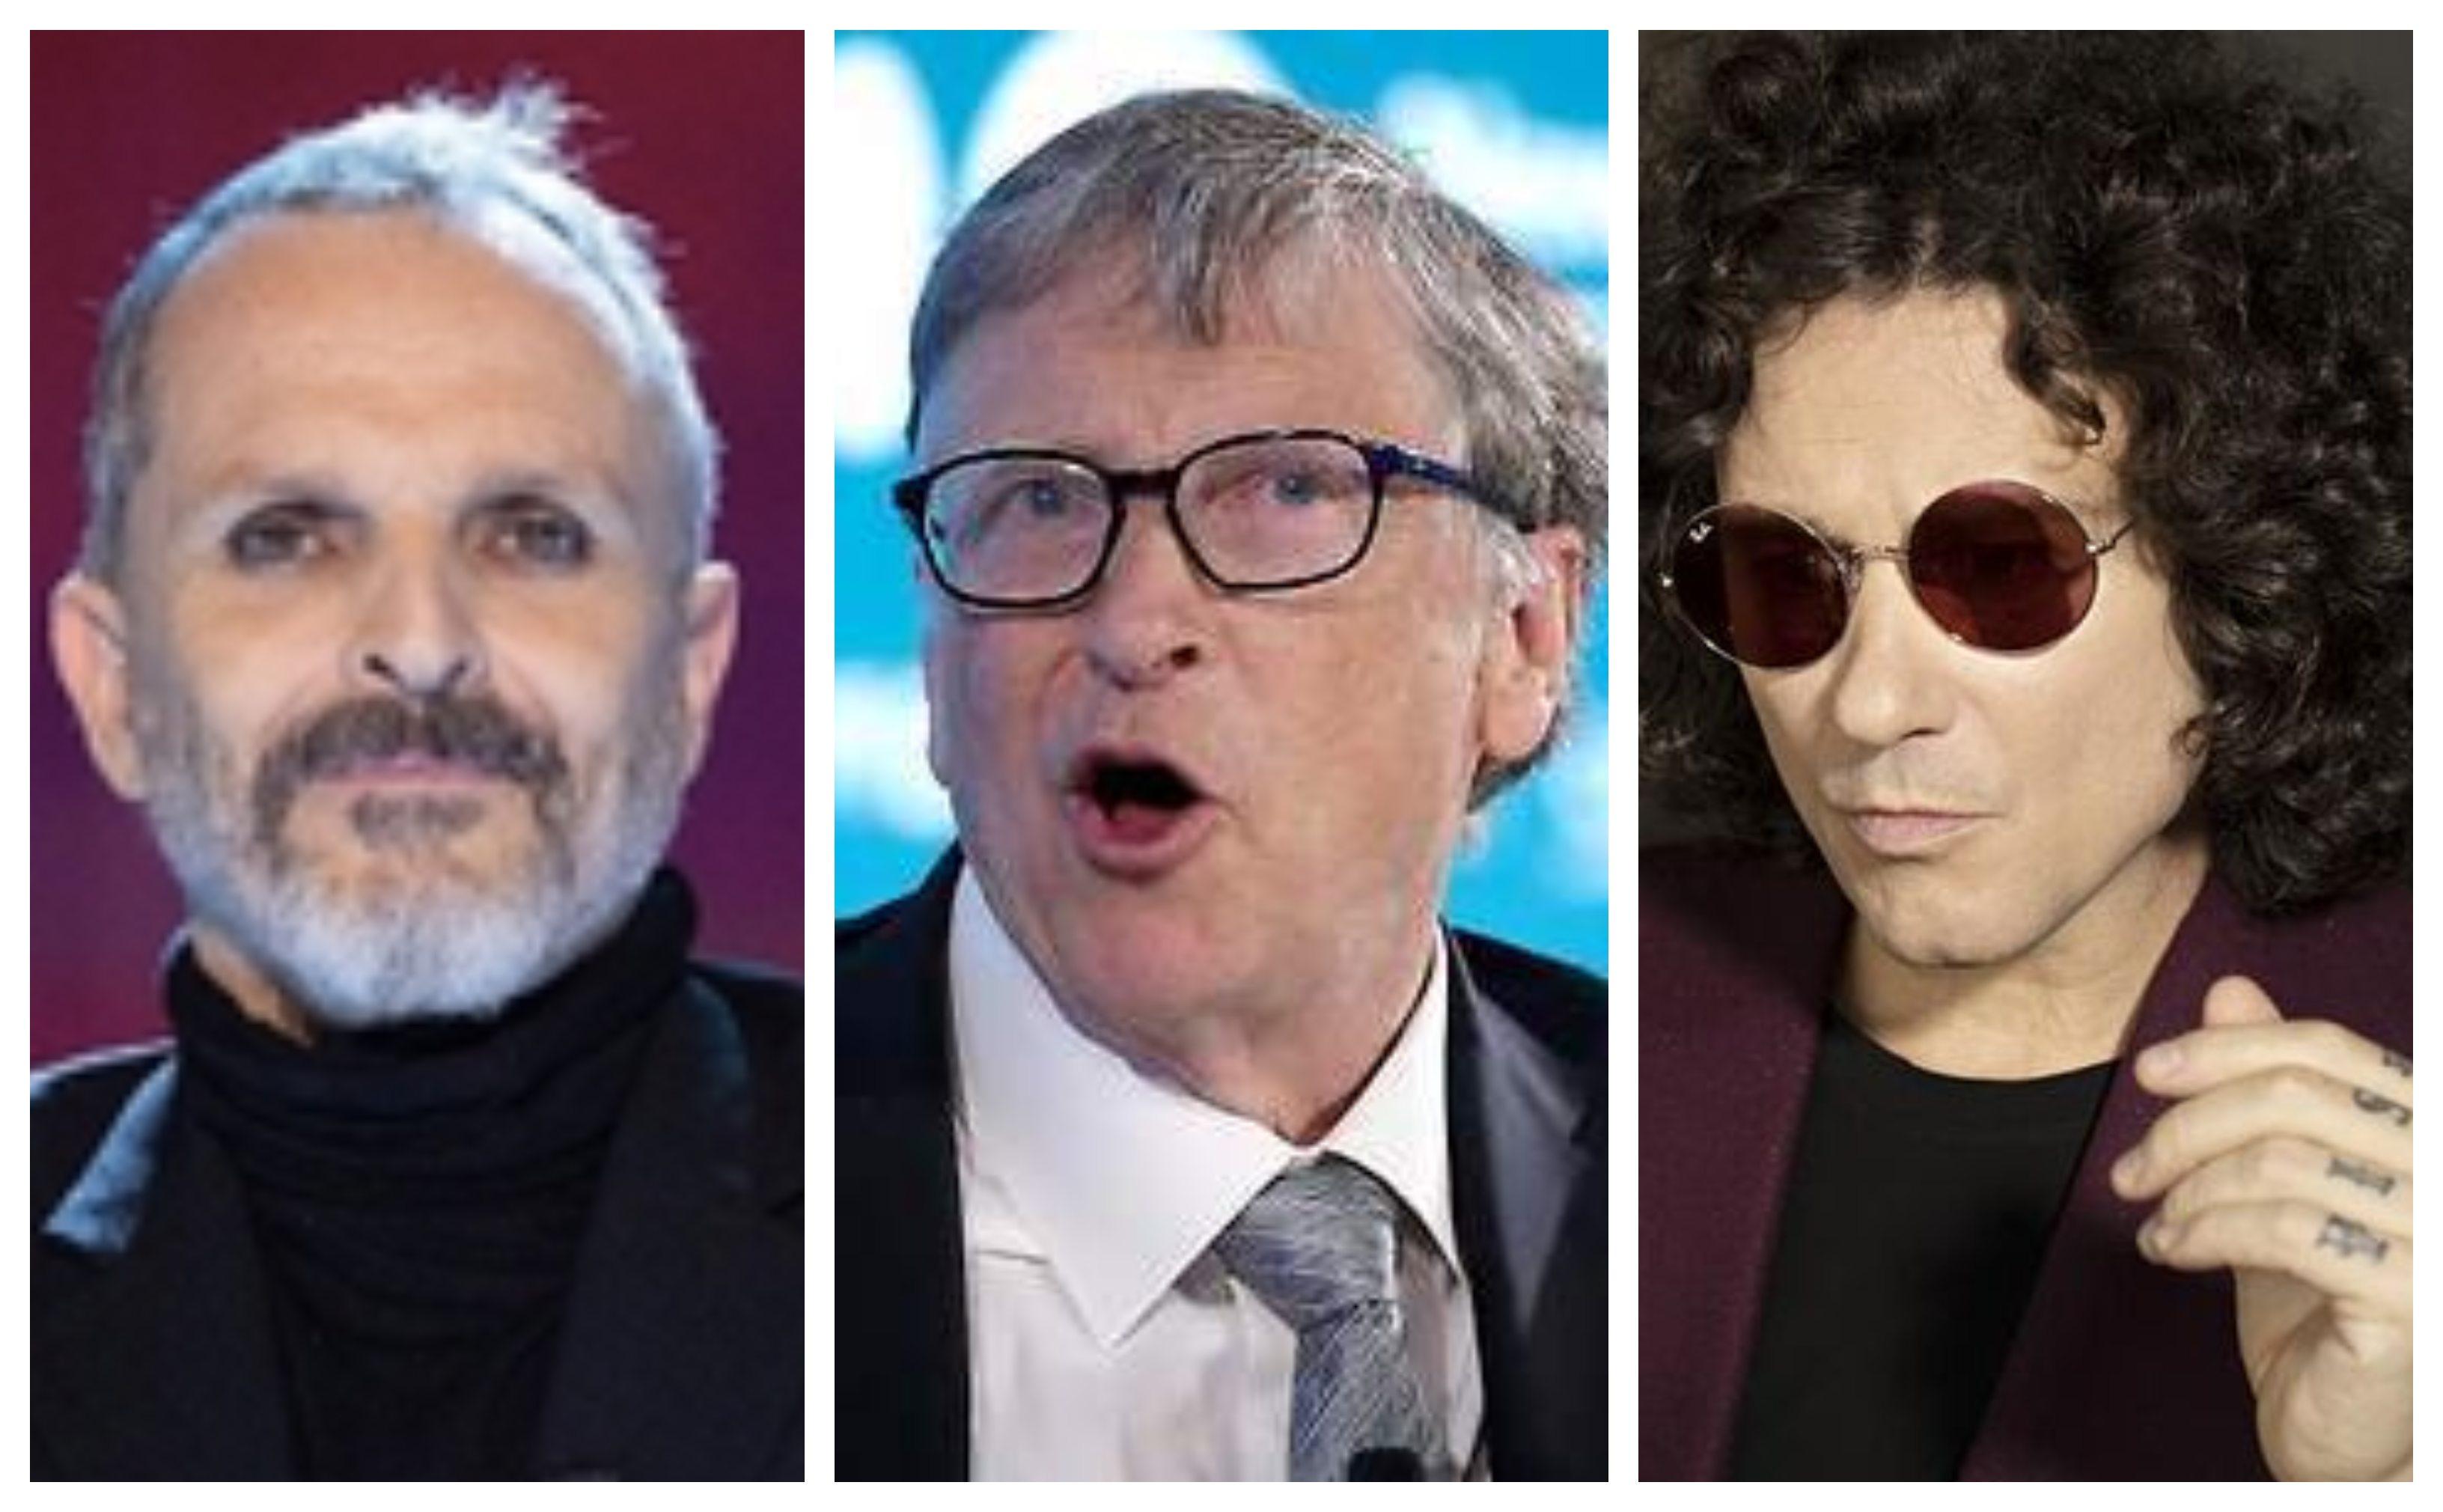 Bunbury y Miguel Bosé, unidos para acusar a Bill Gates de querer ...